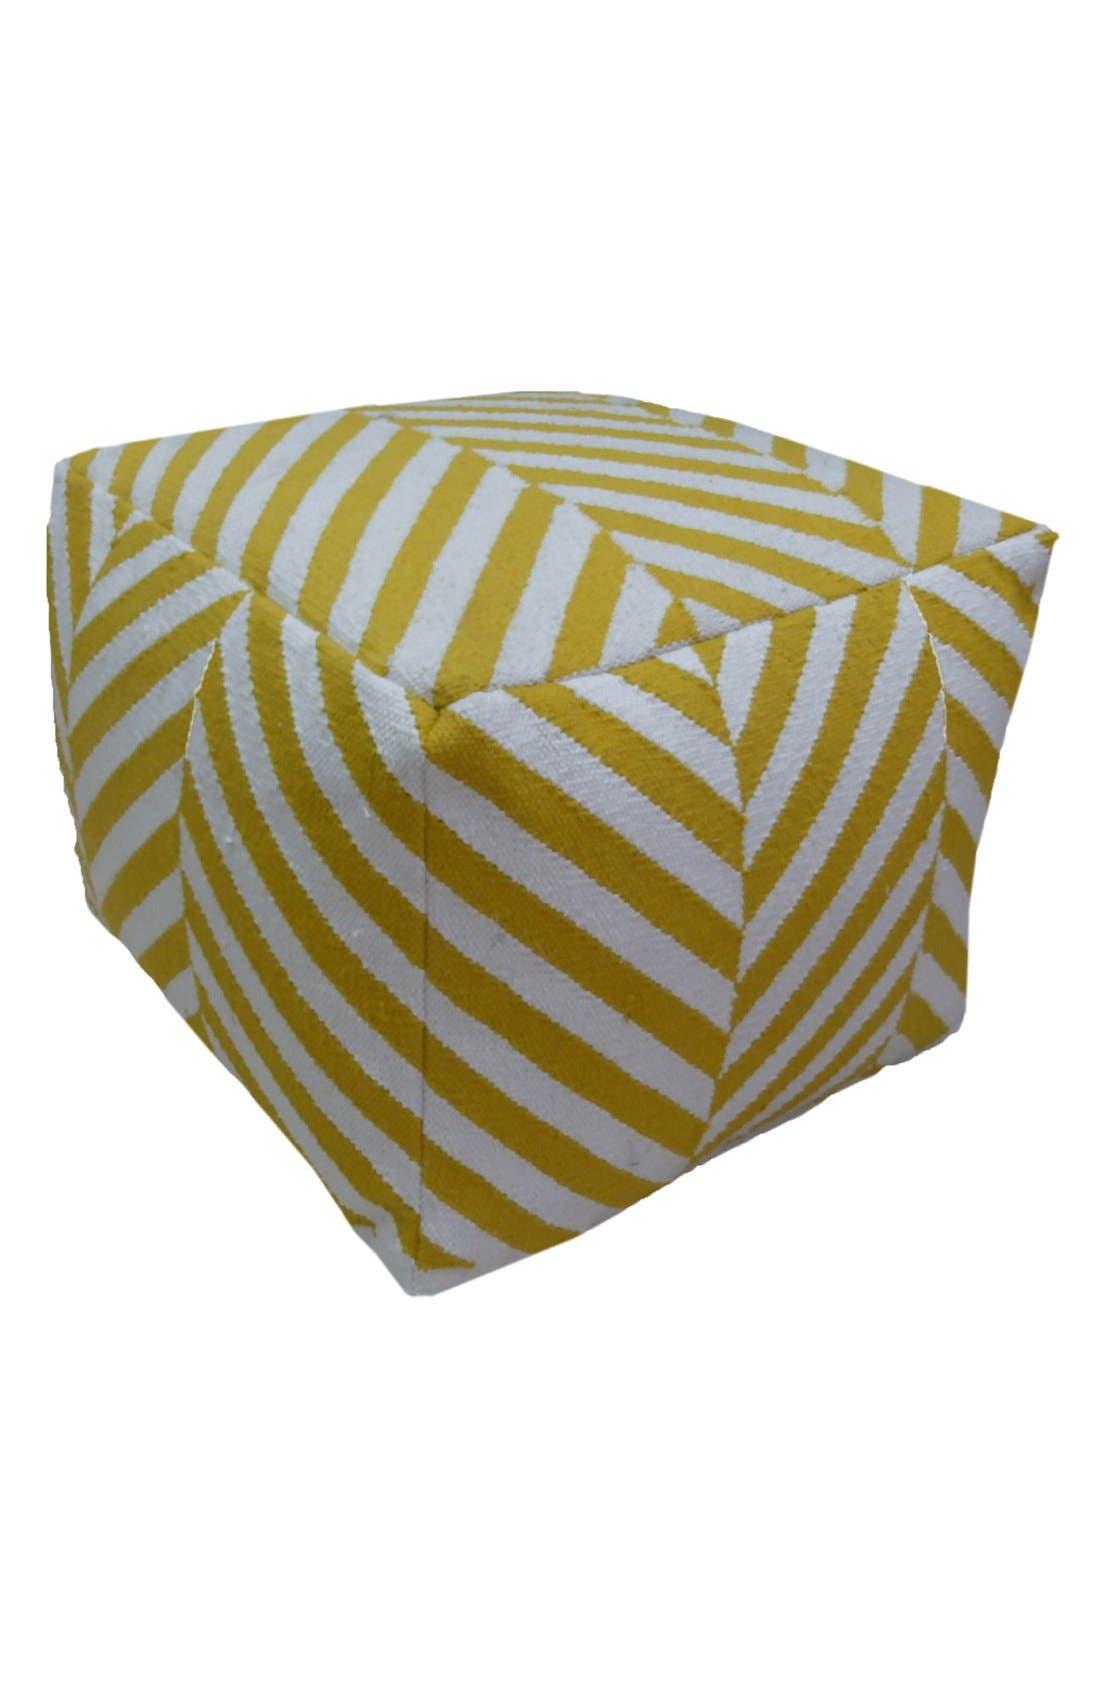 Main Image - AM Home Textiles Wide Stripe Floor Pouf